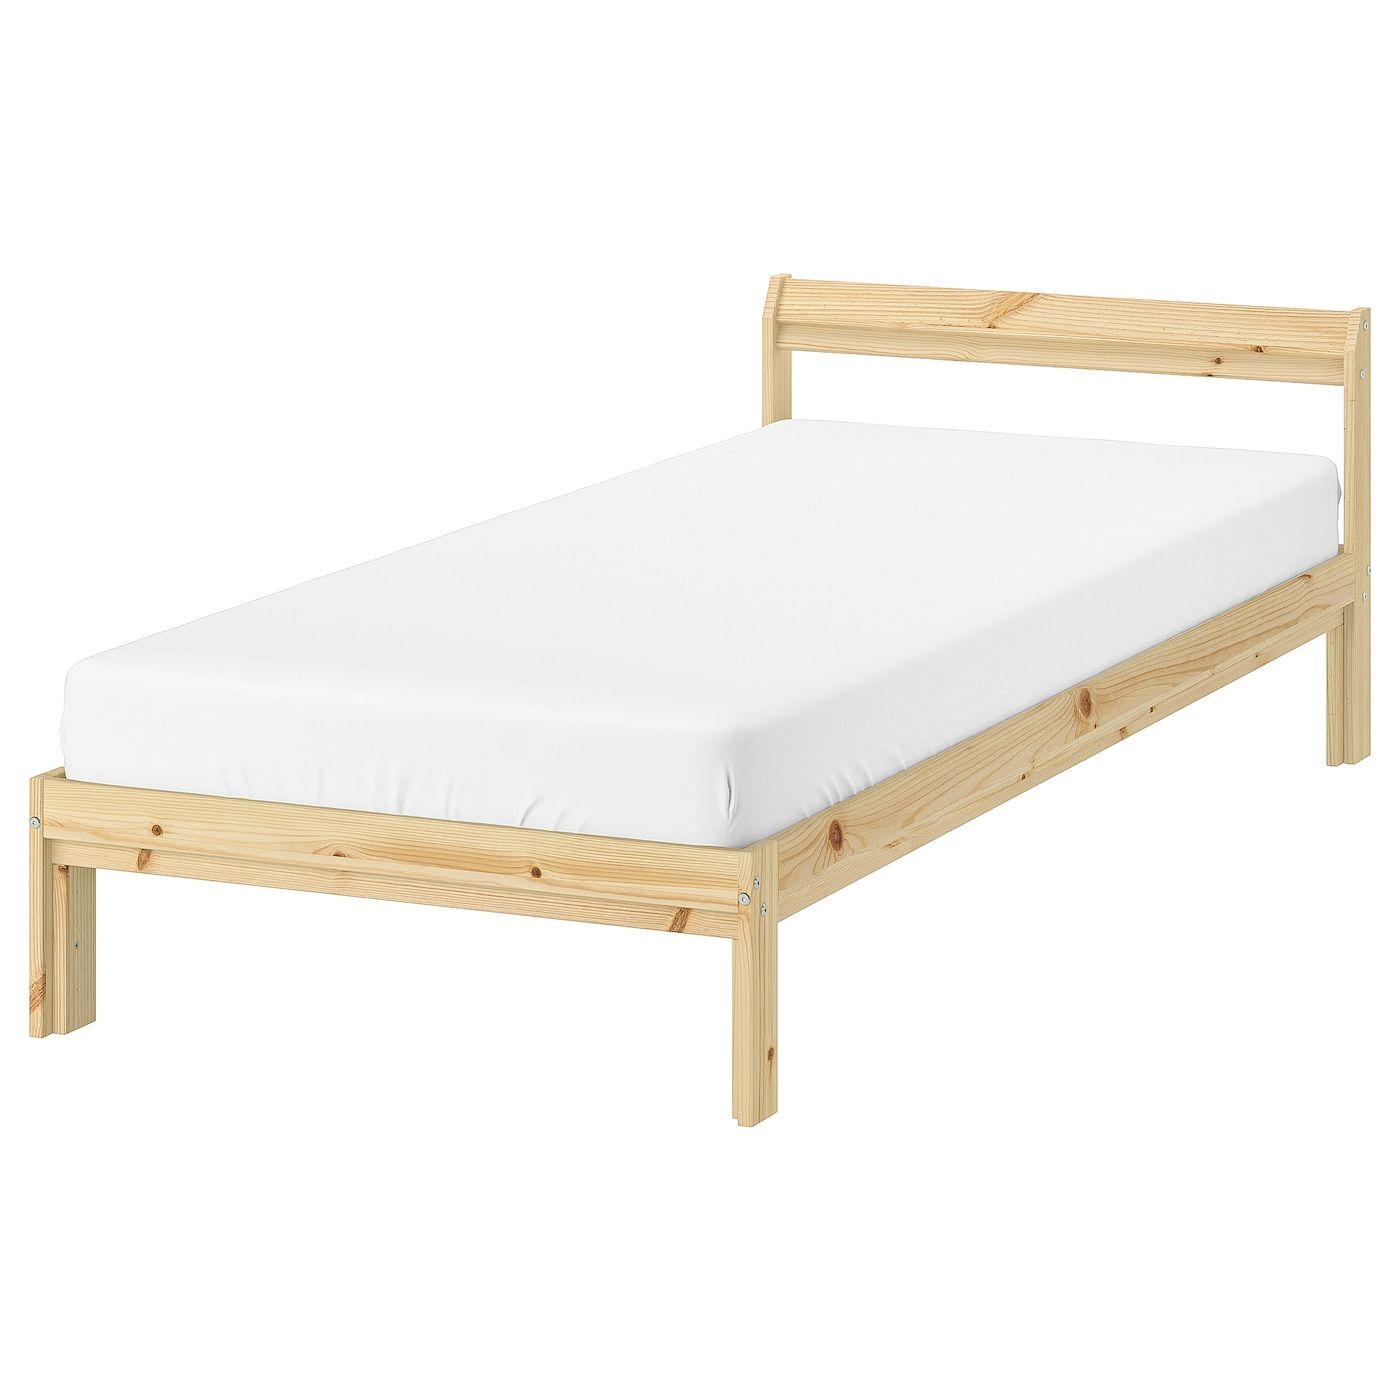 Neiden Bettgestell Kiefer Ikea Osterreich In 2020 Bed Frame Twin Bed Frame Ikea